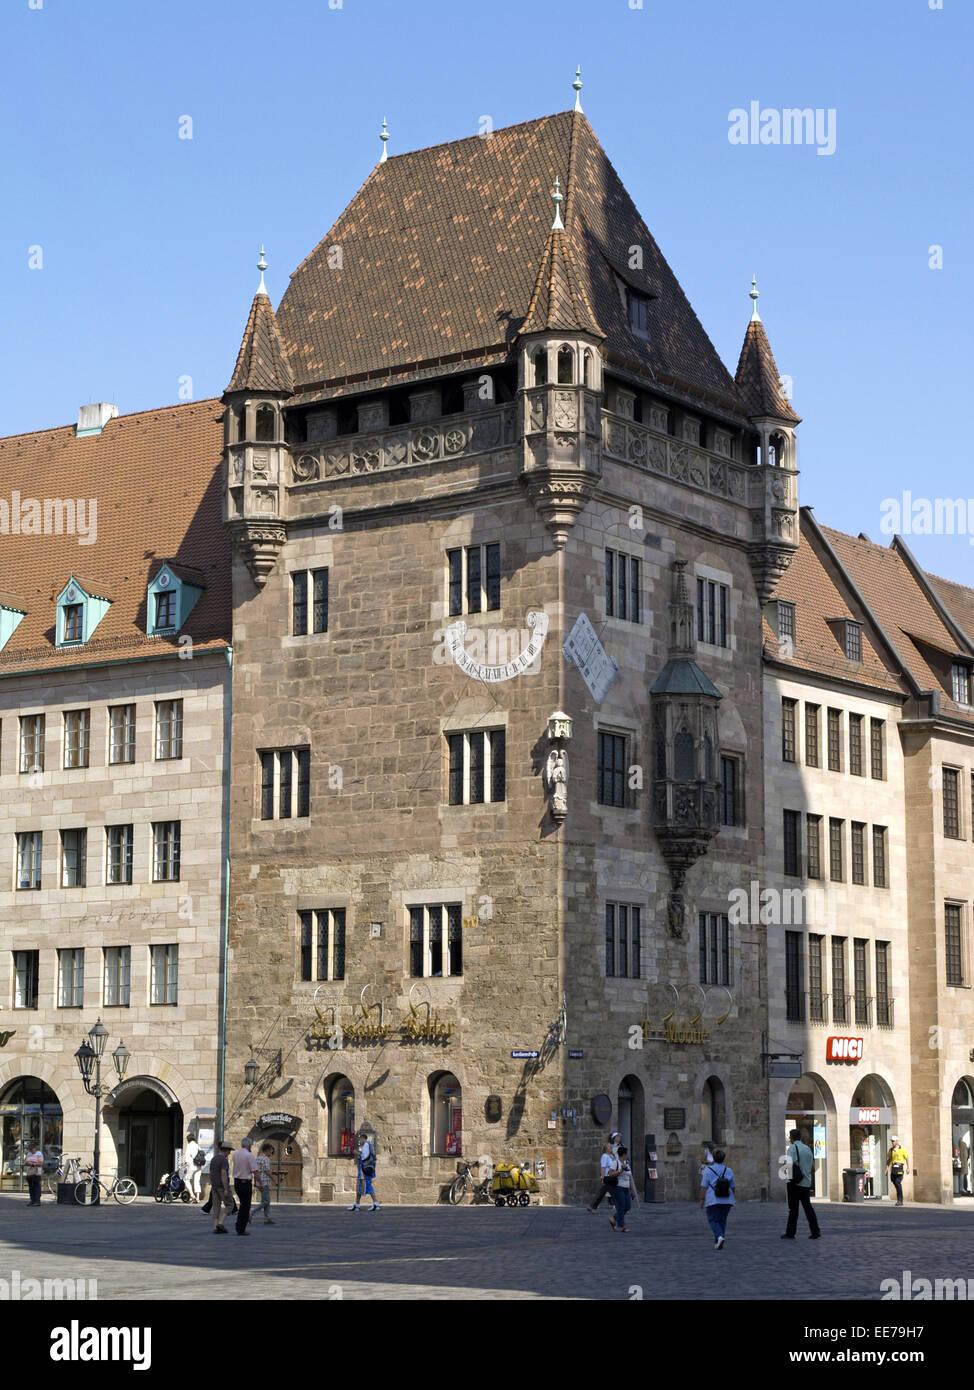 Deutschland, Bayern, Nuernberg, Altstadt, Architektur, Ausflugsziel, Denkmalschutz, Turmhaus, Adelshaus, Nassauer - Stock Image